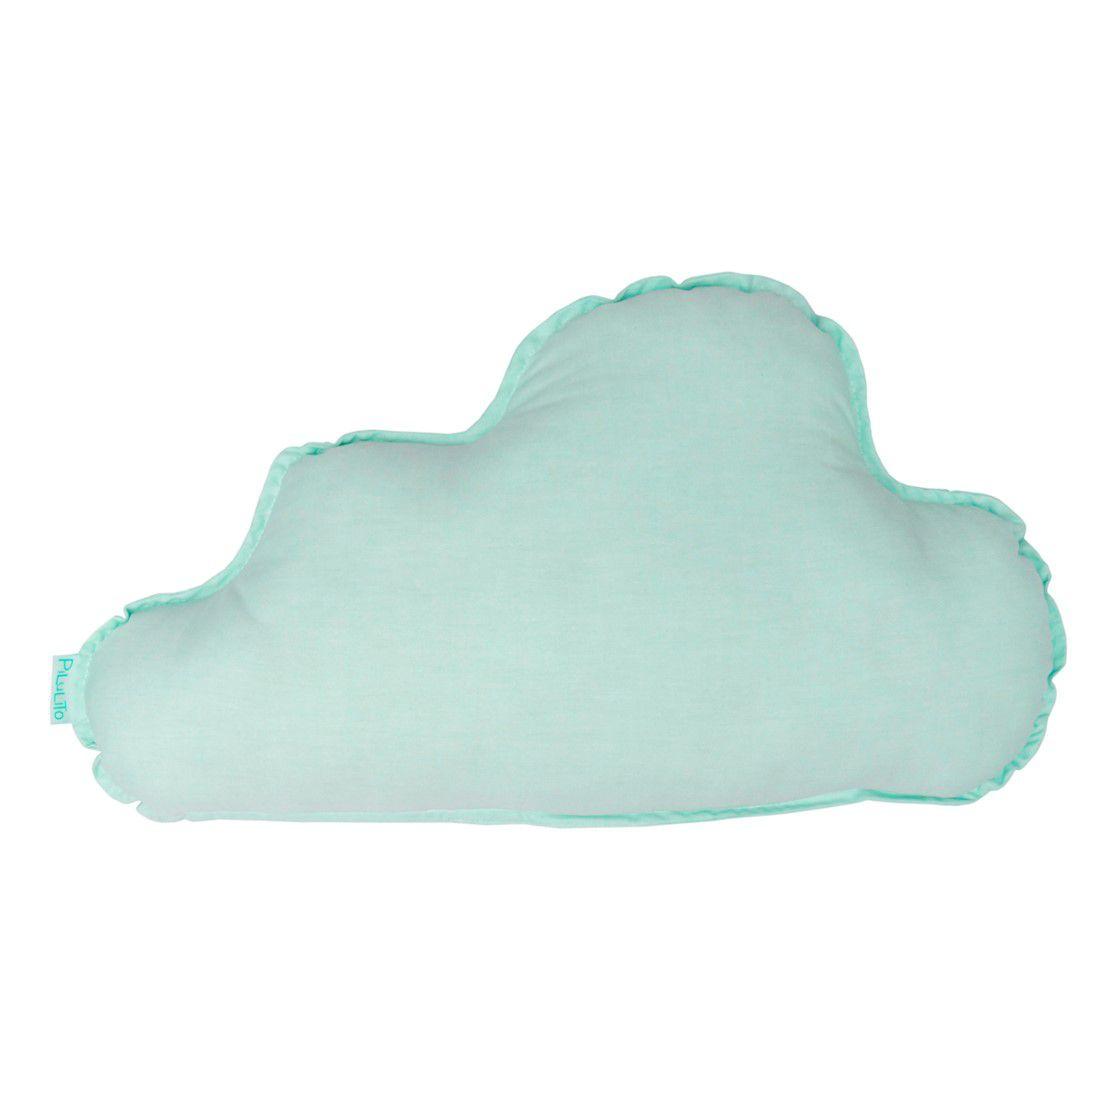 Almofada nuvem grande hortelã suave